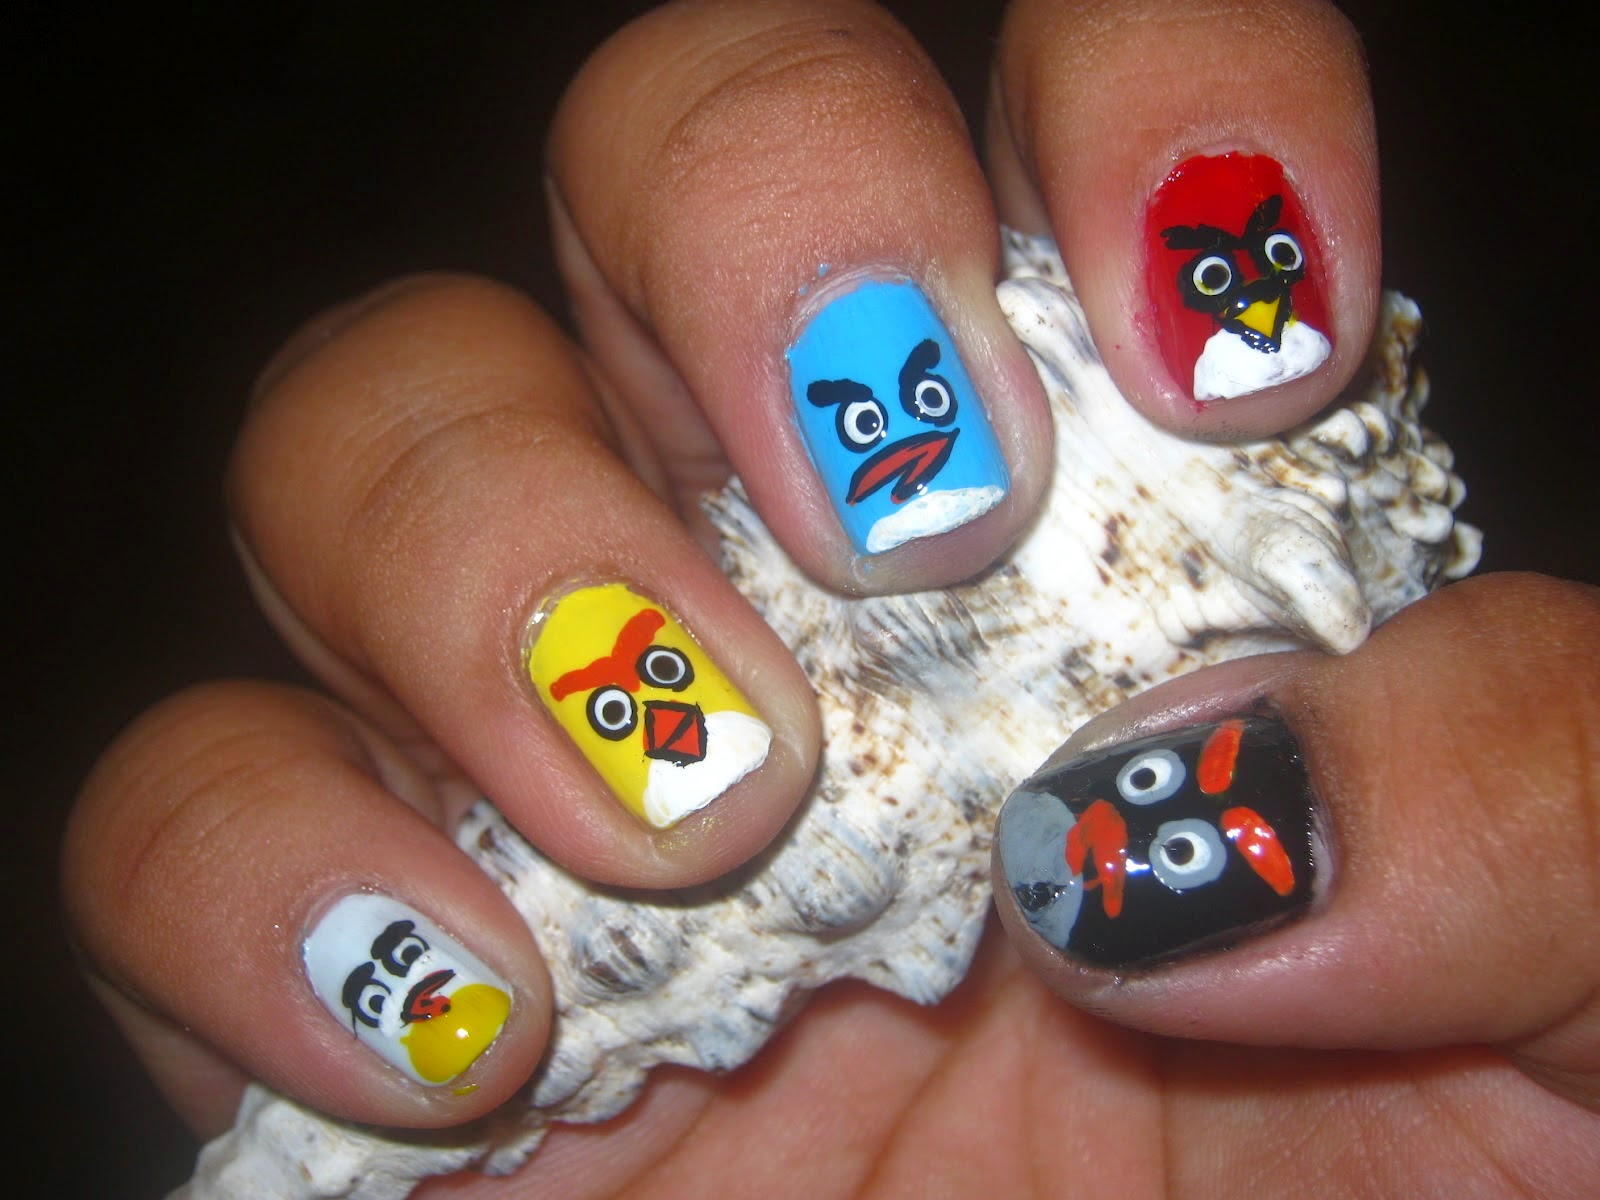 Nail Design: Nail Art Design Angry Birds